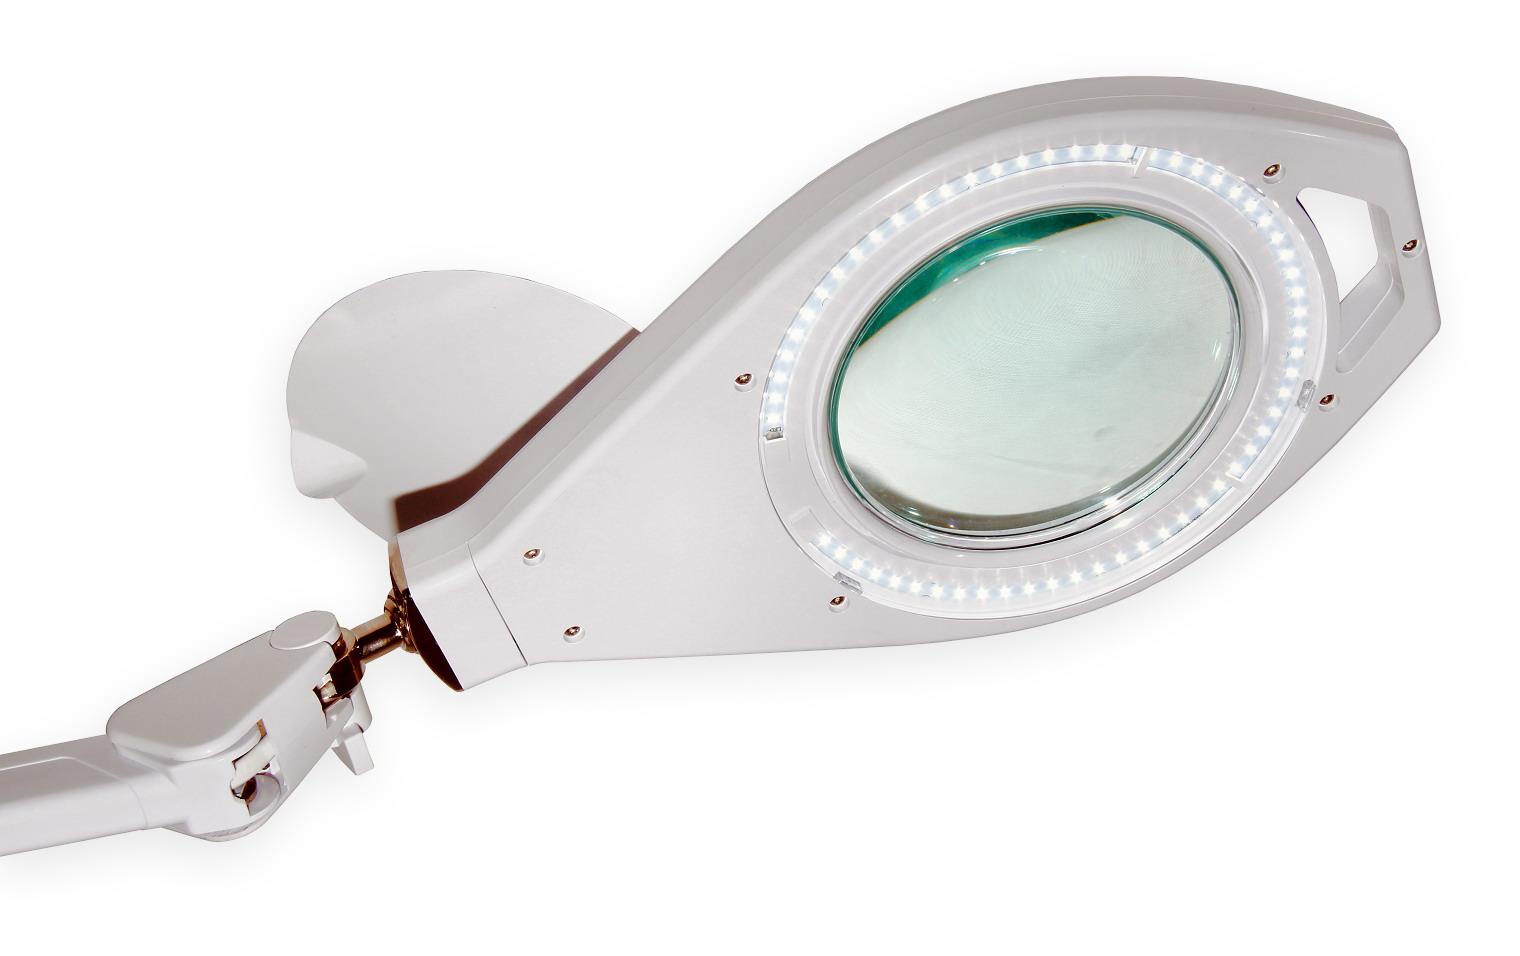 Stolní lampa s LED osvětlením typ LUX zvětšení 8D